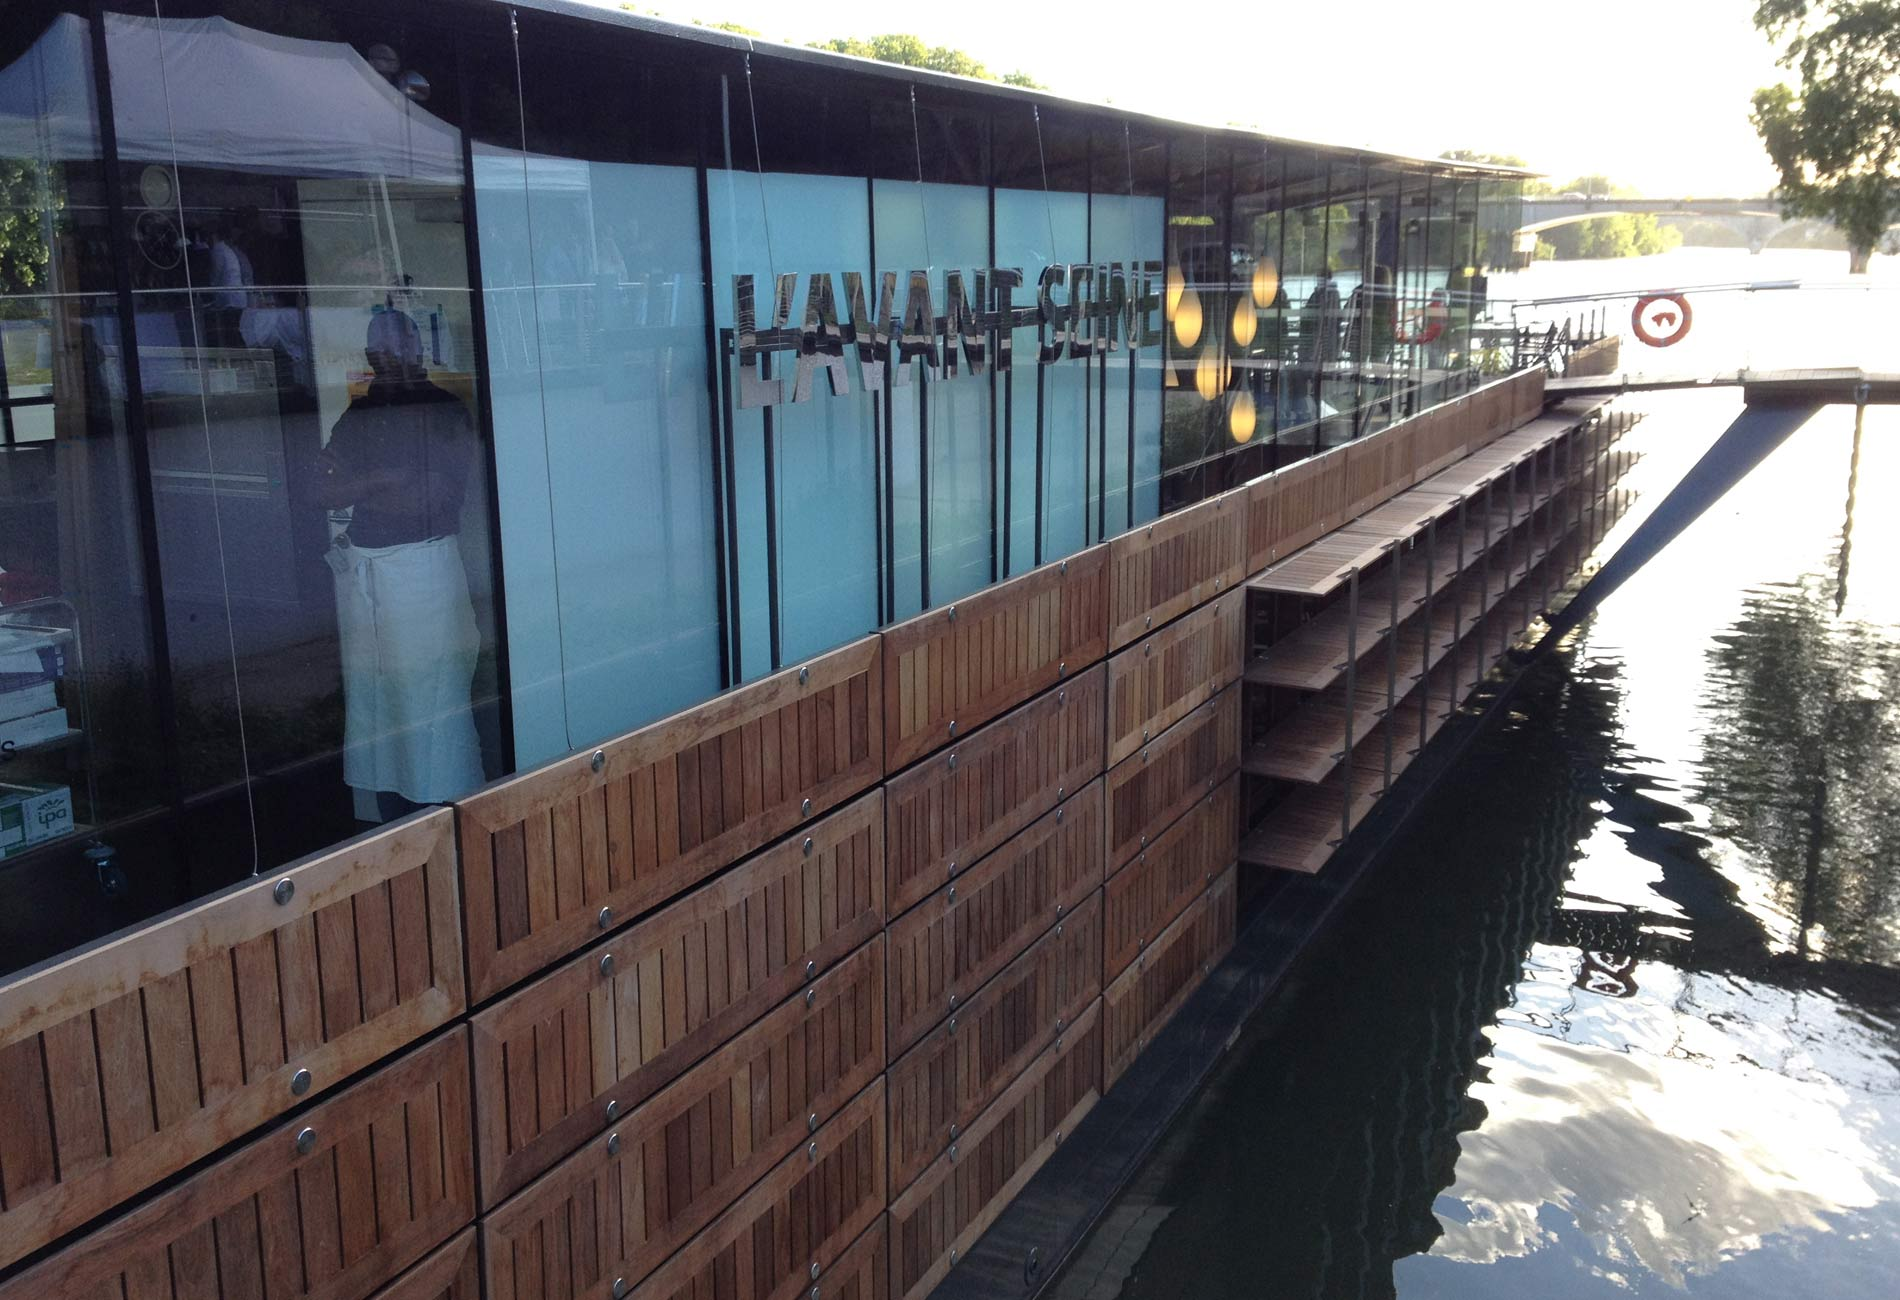 LavantSeine-Assistance-project-management-Vincent-Lebailly-floating-restaurant